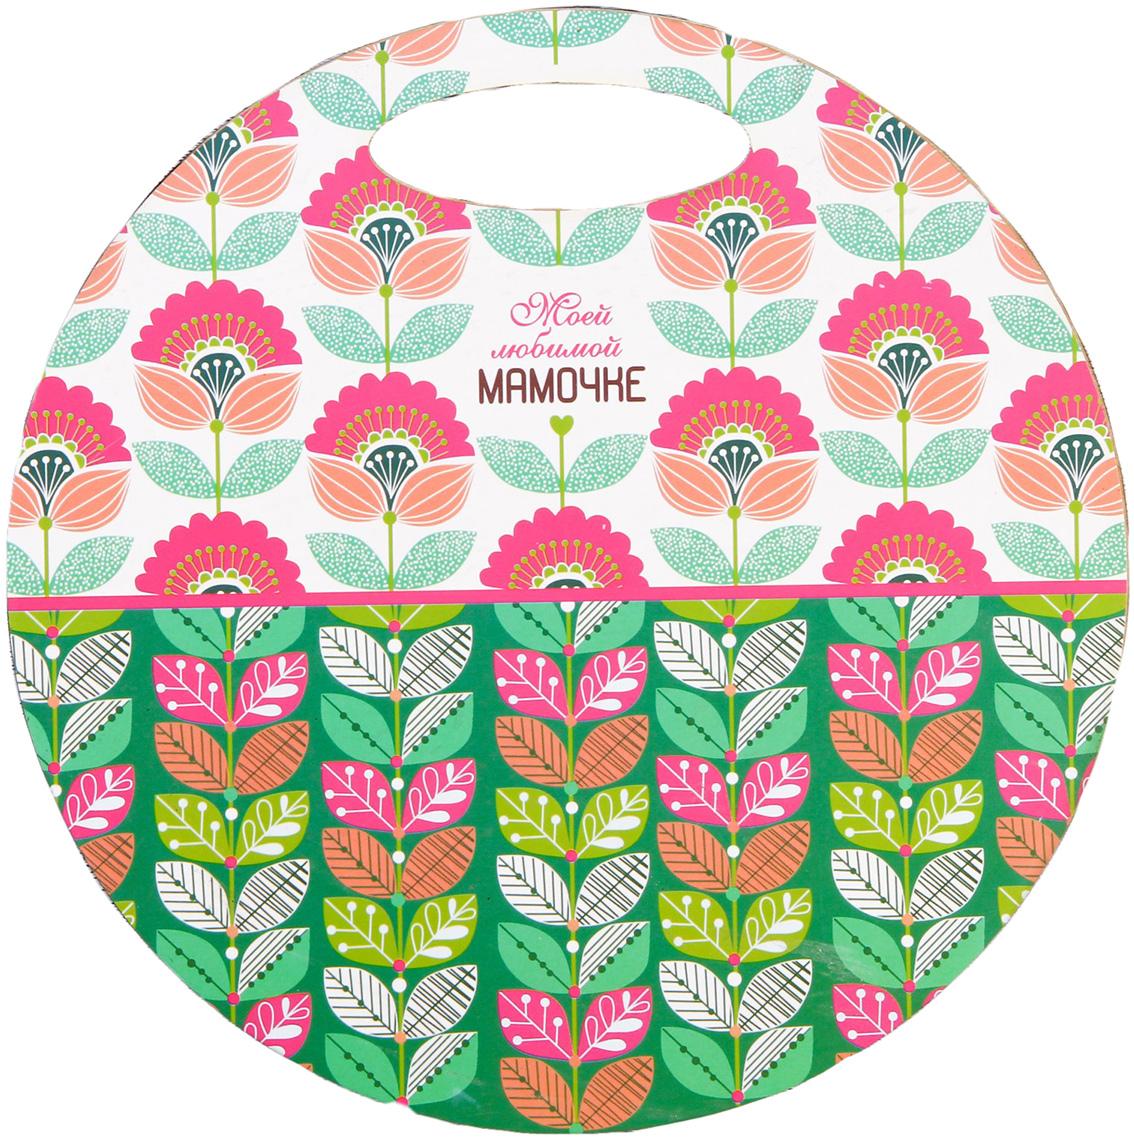 Доска разделочная Моей любимой мамочке, цвет: белый, розовый, зеленый, диаметр 30 см3120328От качества посуды зависит не только вкус еды, но и здоровье человека. Товар,соответствующий российским стандартам качества. Любой хозяйке будетприятно держать его в руках. С нашей посудой и кухонной утварьюприготовление еды и сервировка стола превратятся в настоящий праздник.Сувенир в полном смысле этого слова. И главная его задача - хранитьвоспоминание о месте, где вы побывали, или о том человеке, который подарилданный предмет. Преподнесите эту вещь своему другу, и она станетдостойным украшением его дома.